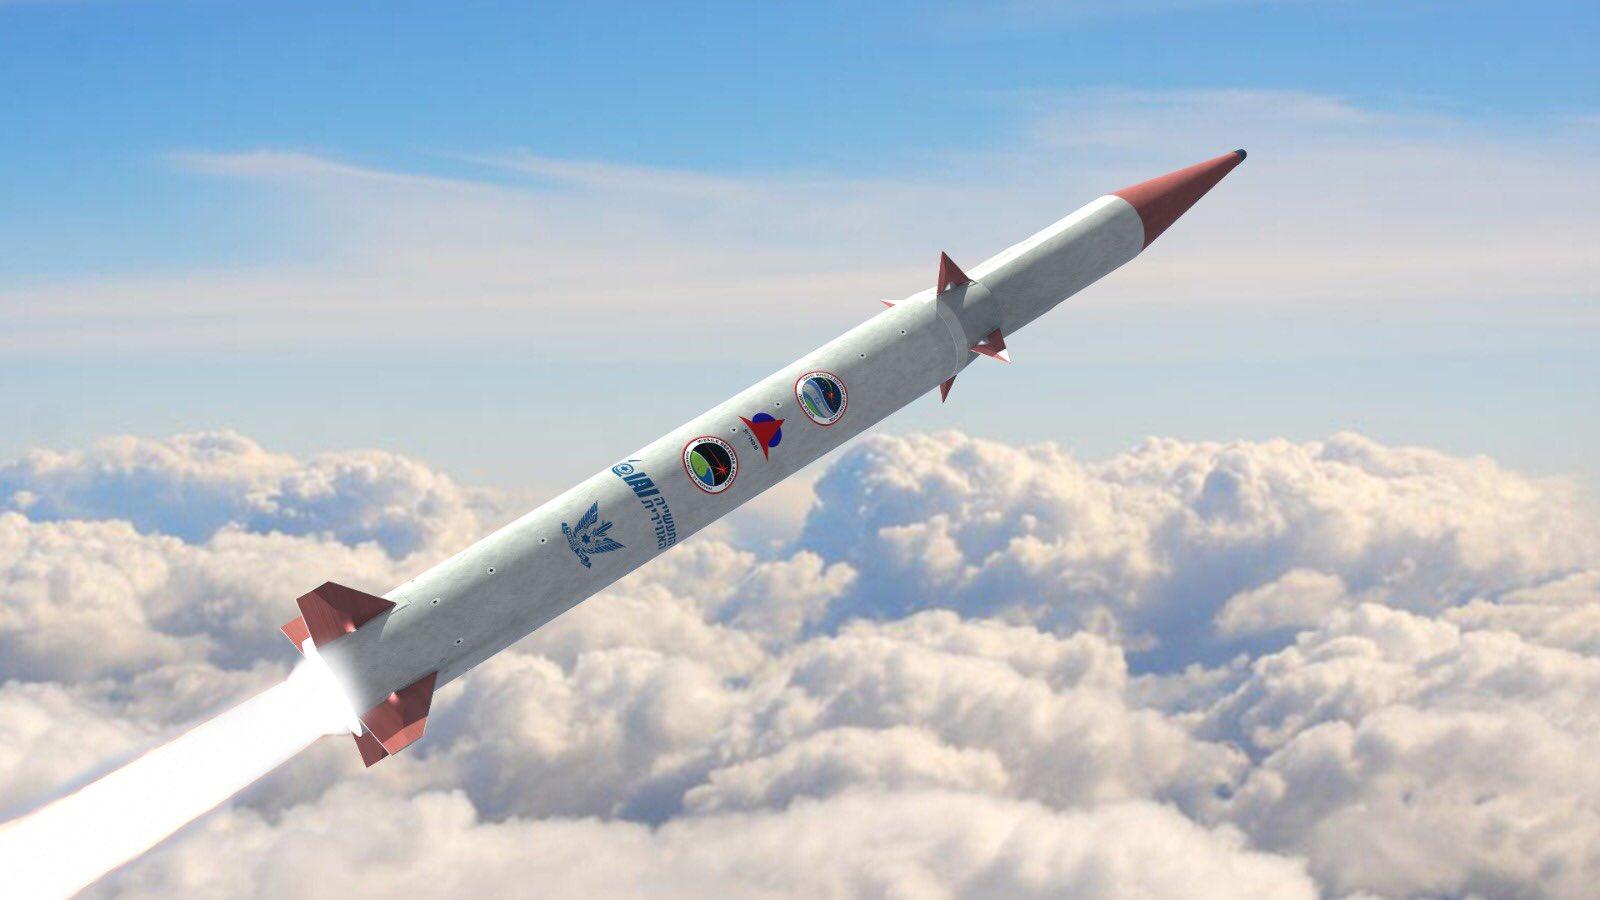 США и Израиль стремятся опередить Россию и Китай с помощью «Стрелы», которая может сбивать гиперзвуковые  ракеты